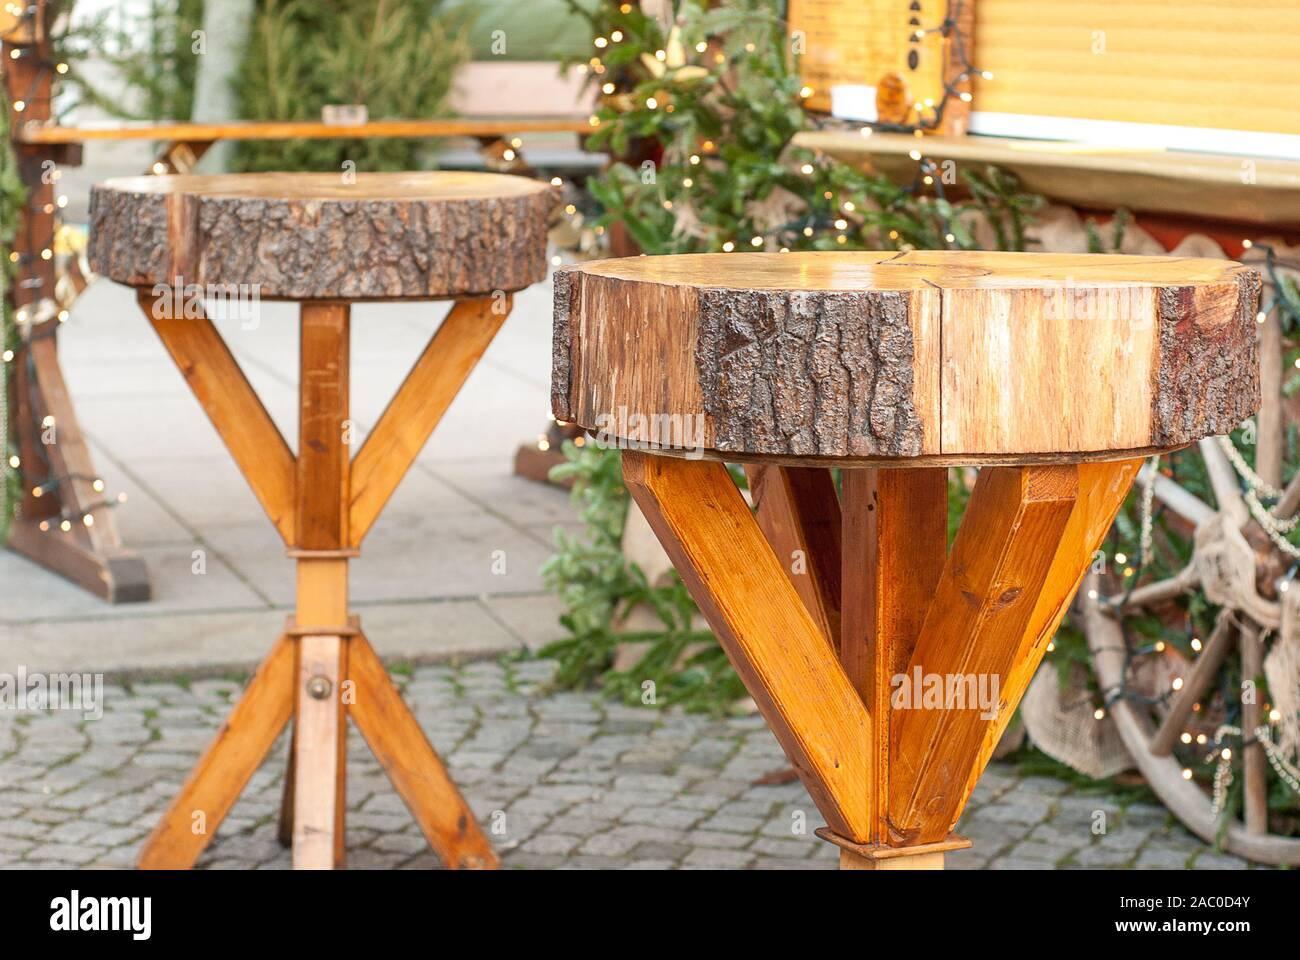 Foto Di Tavoli In Legno.Tavoli Di Legno Immagini Tavoli Di Legno Fotos Stock Alamy